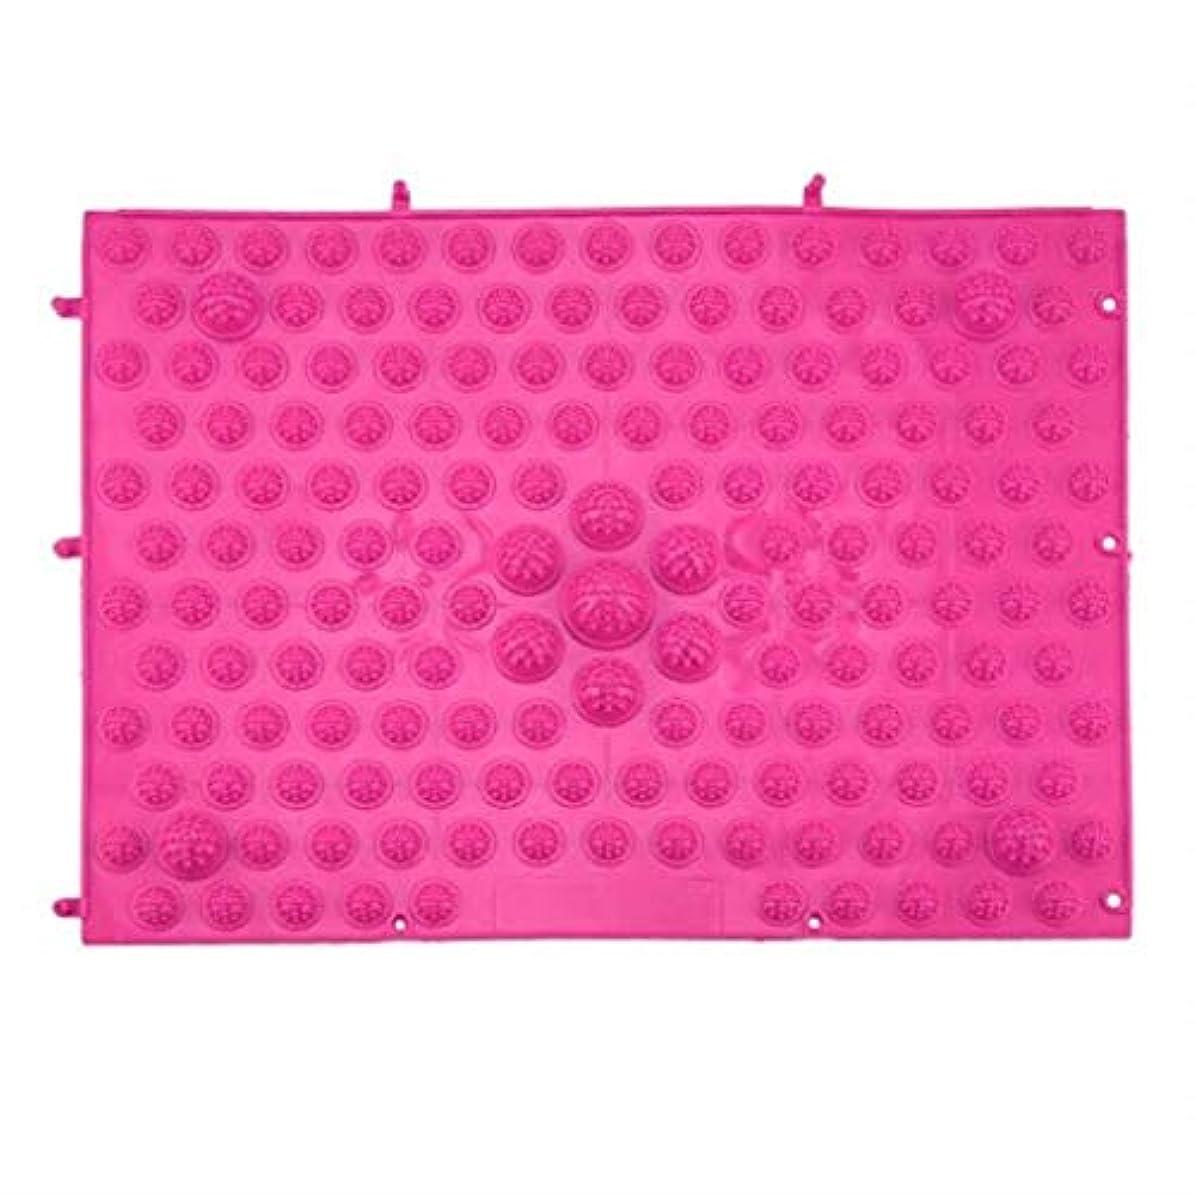 疑問を超えて従順プリーツマッサージクッション、指圧フットパッド、リフレクソロジーウォーキングマッサージパッド、痛みを和らげ、筋肉をリラックス37x27.5cm (Color : Rose Red)